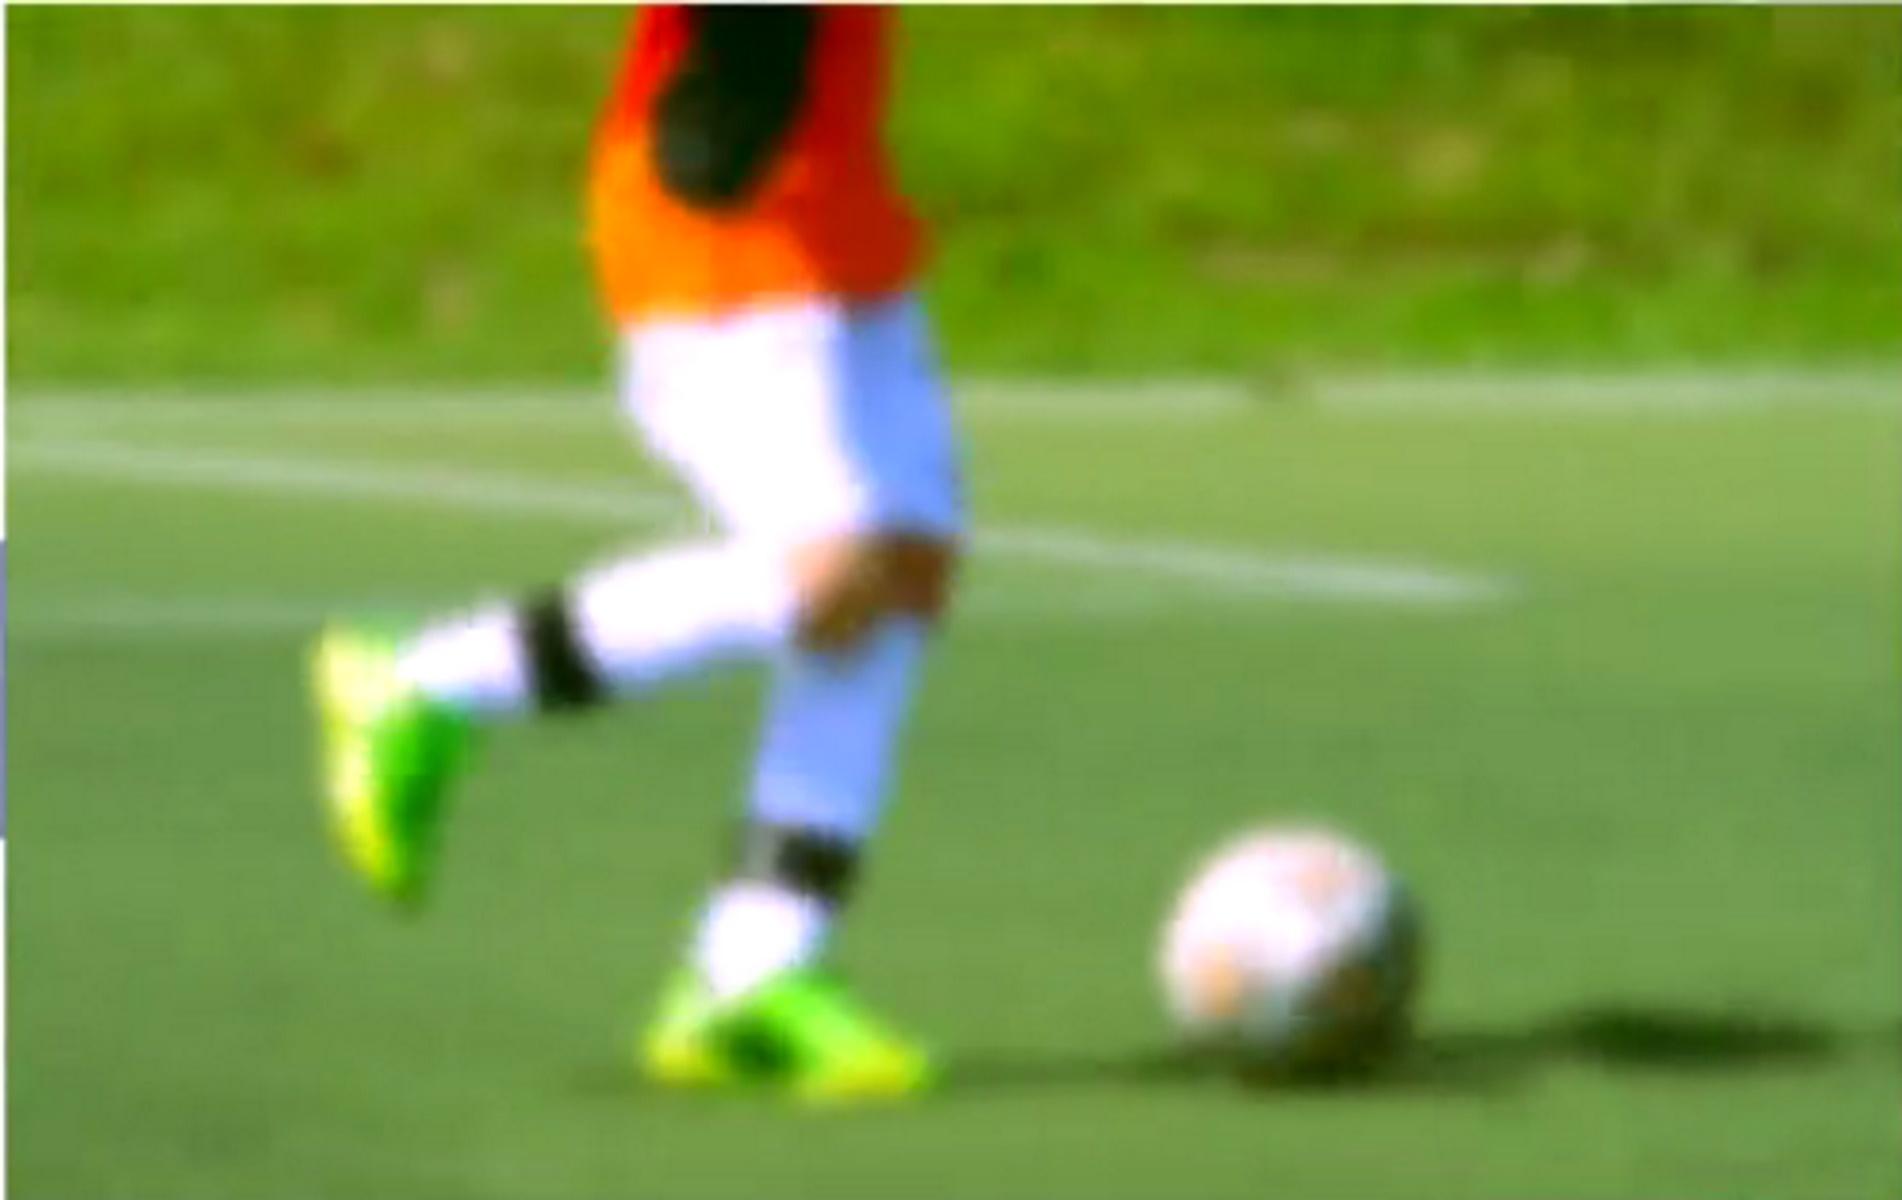 Στο νοσοκομείο 14χρονος ποδοσφαιριστής – Κατέρρευσε την ώρα της προπόνησης